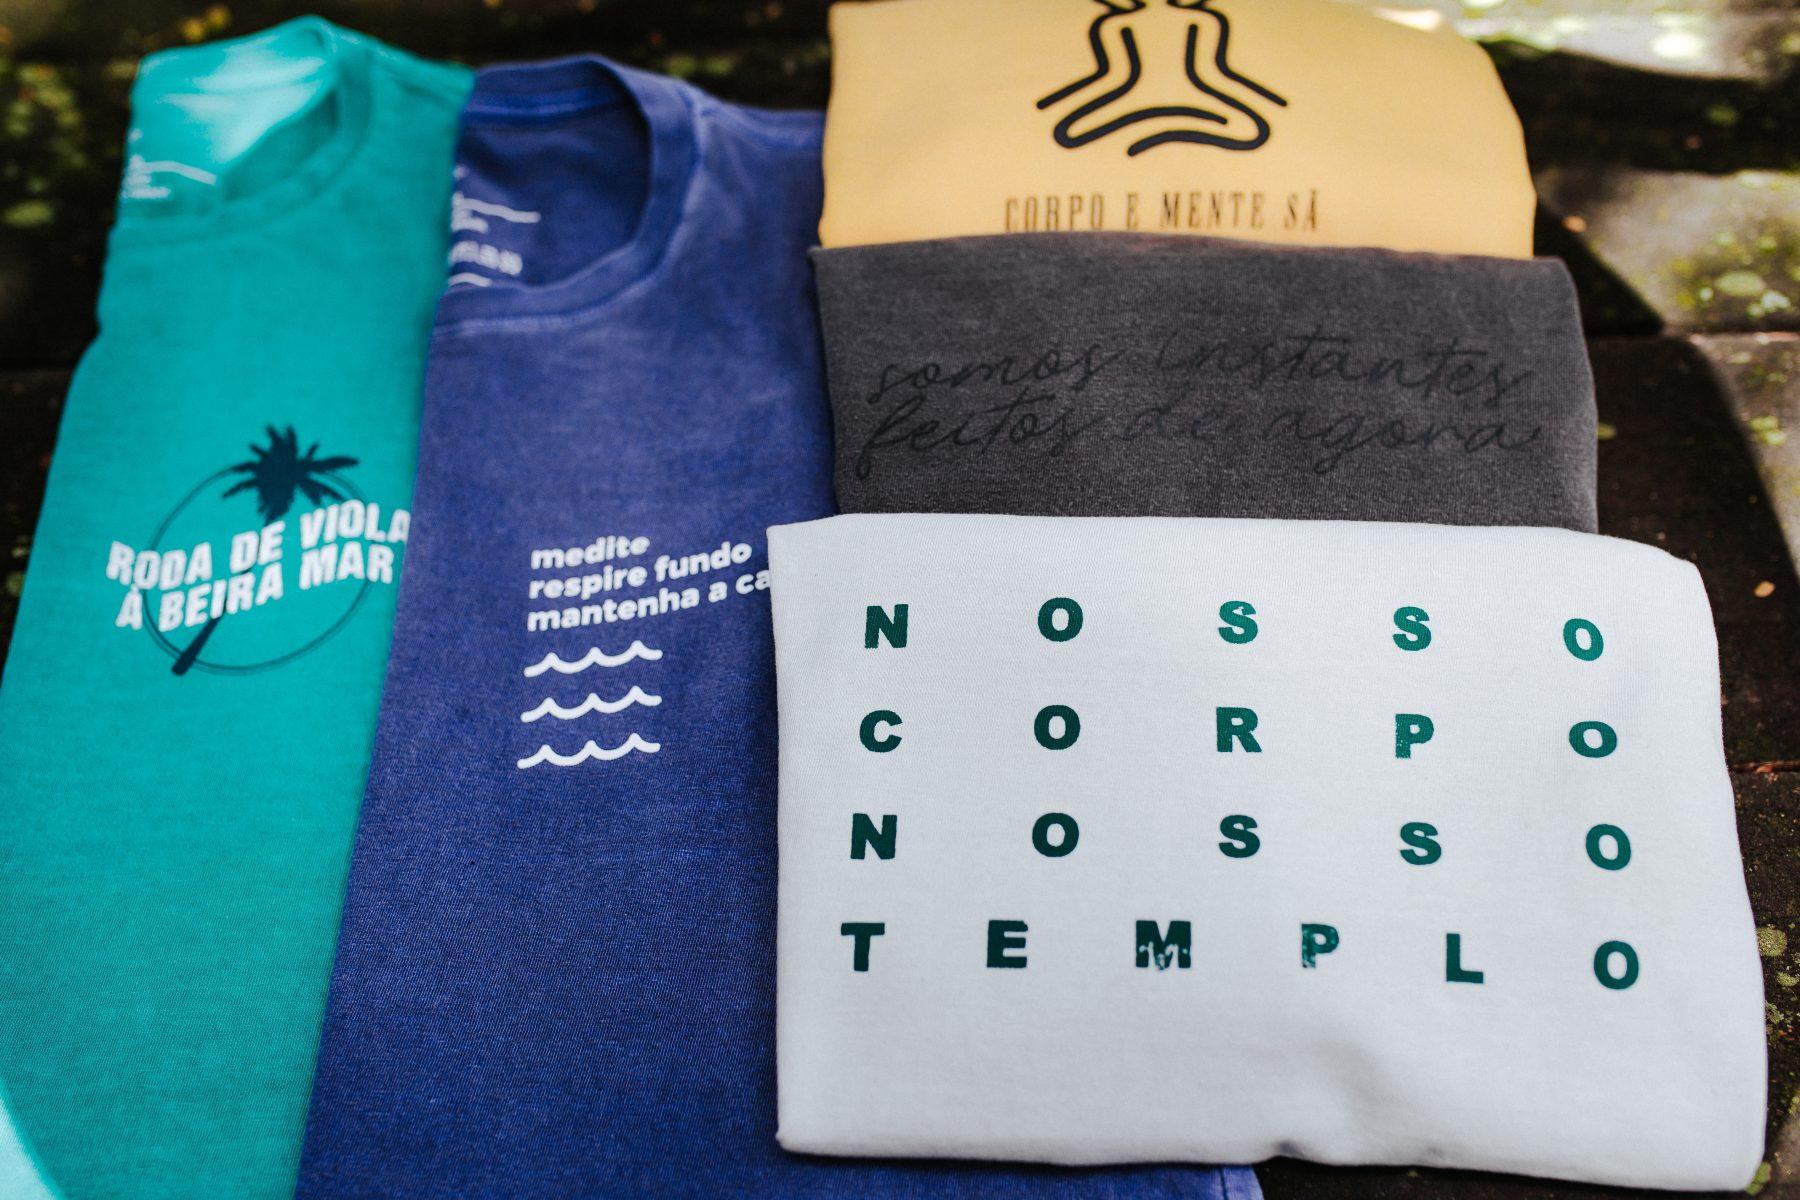 Gabriel Elias lança coleção de roupas inspirada em novo álbum